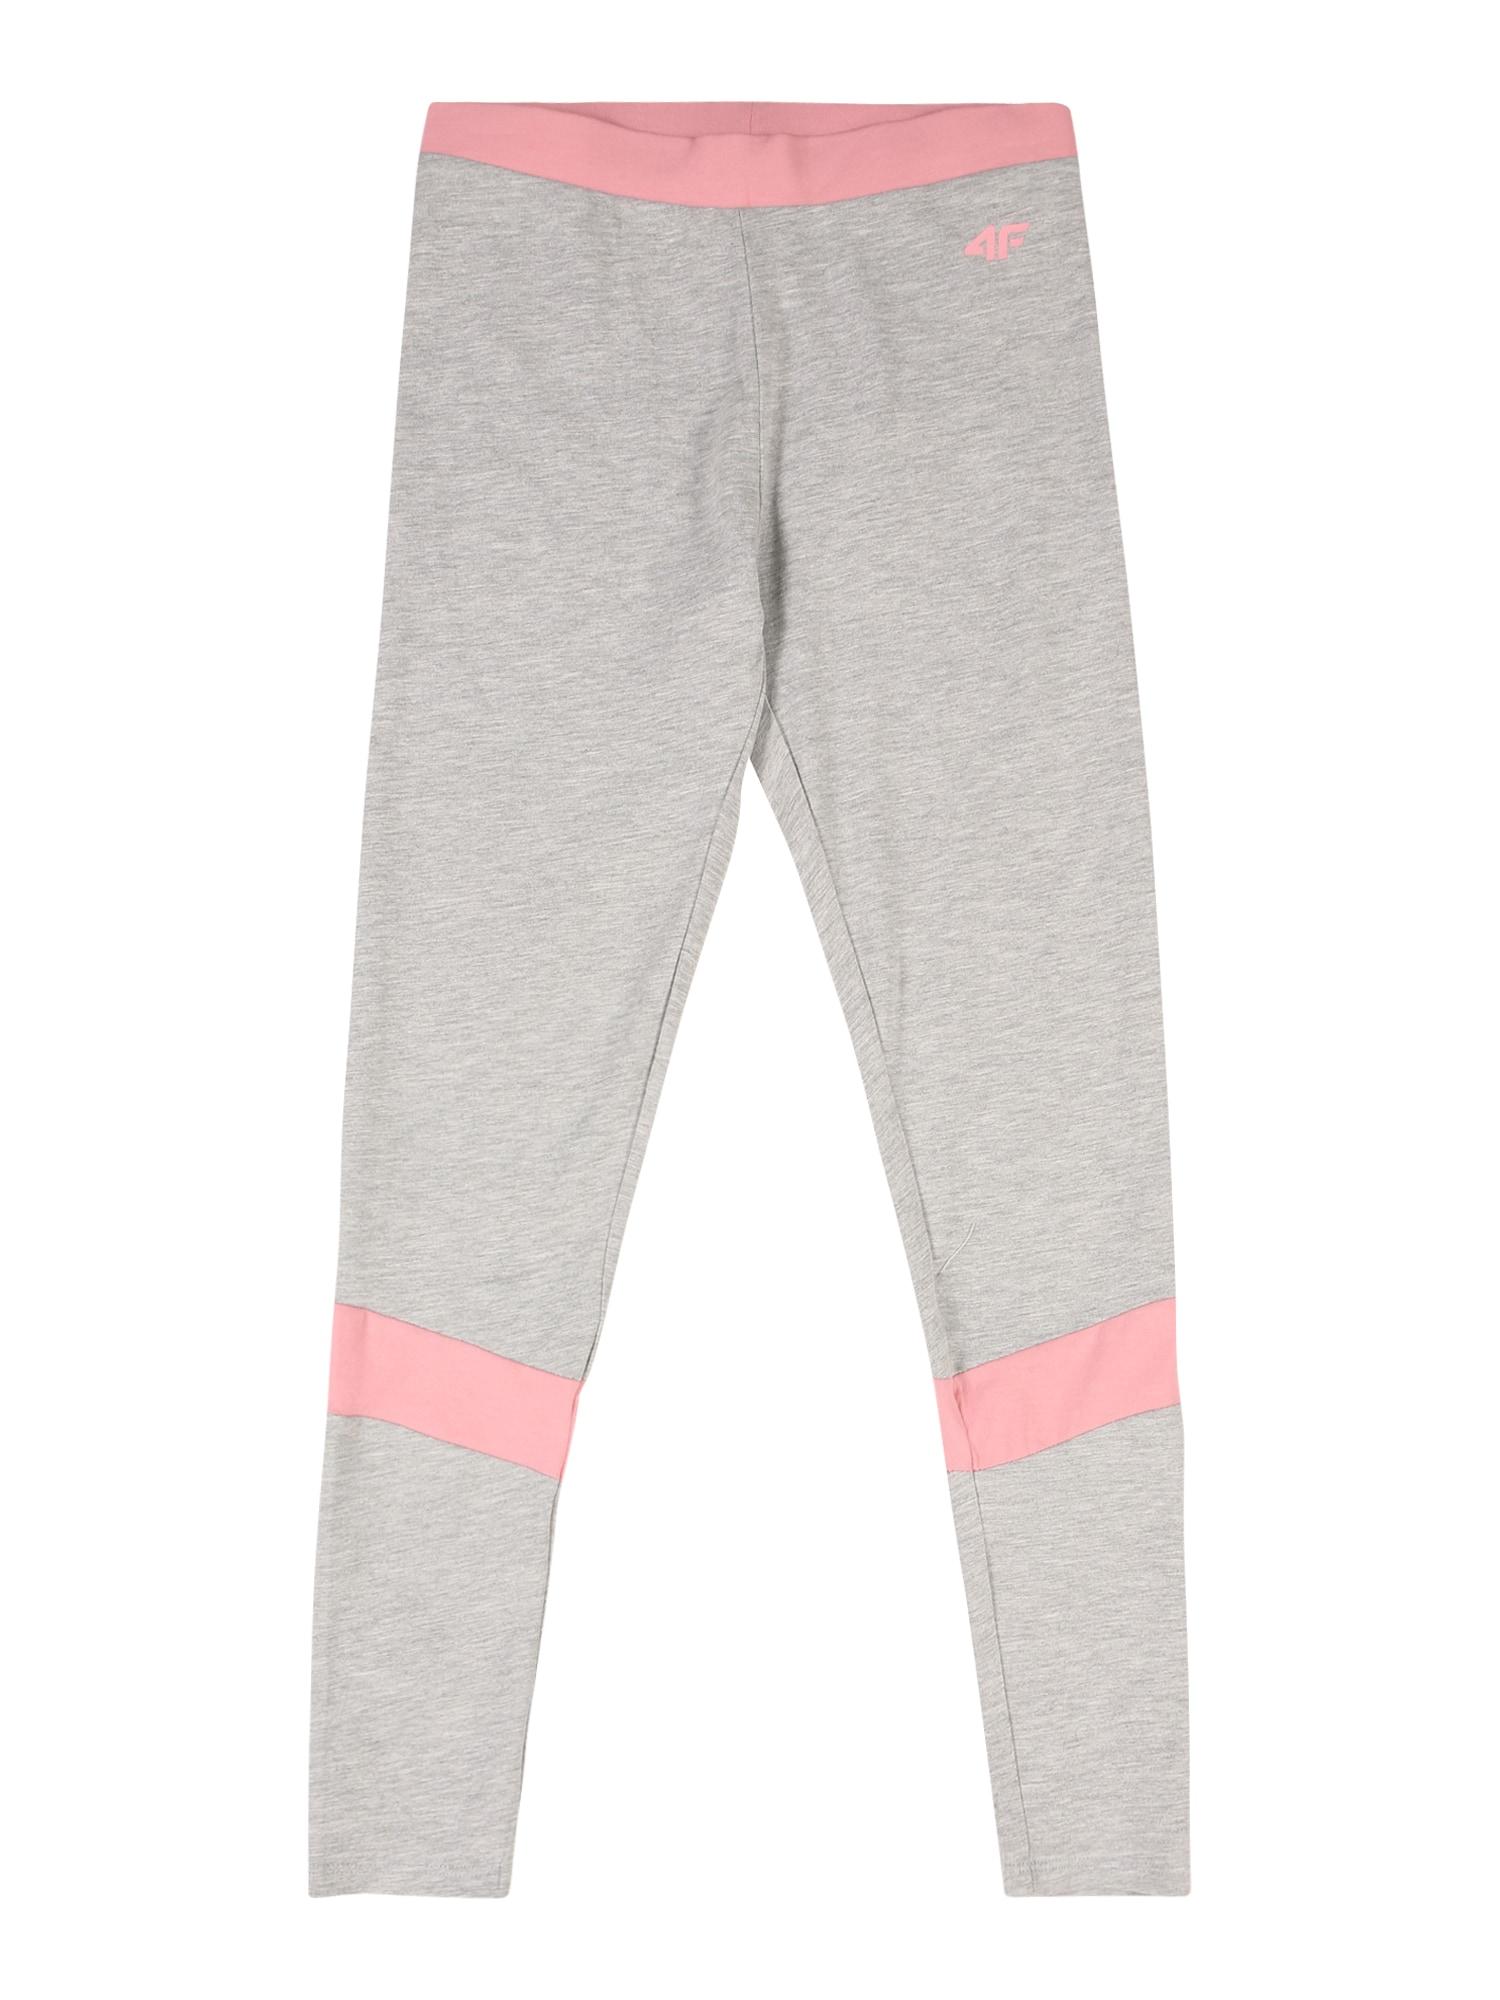 4F Sportovní kalhoty  šedý melír / růže